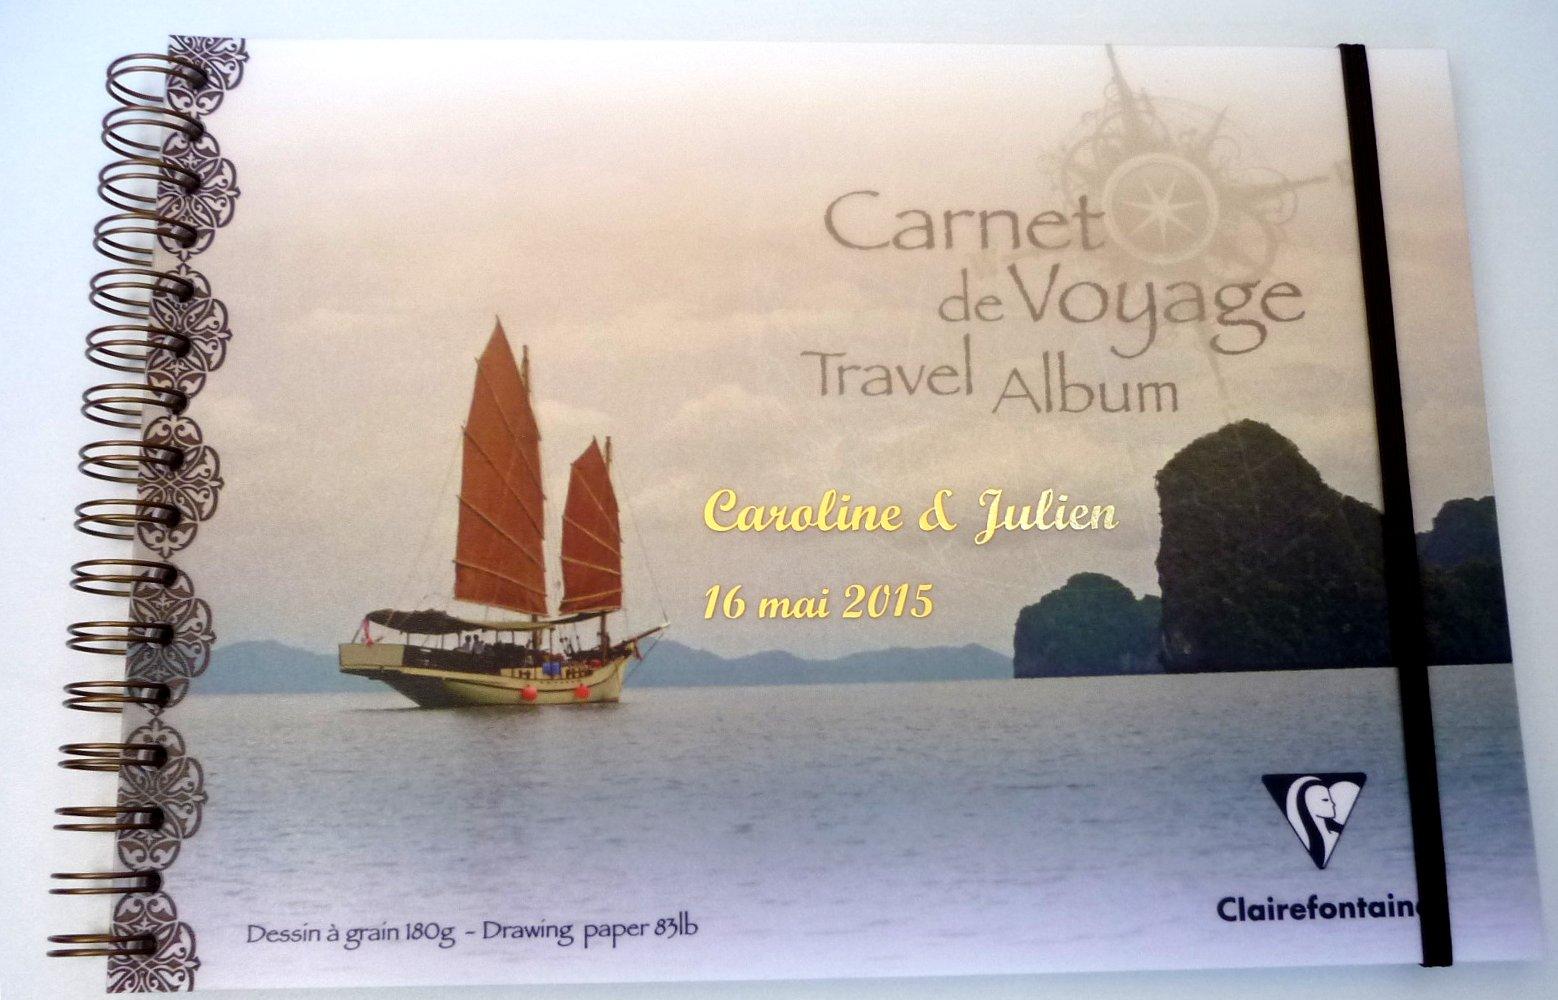 Carnet de Voyages à personnaliser